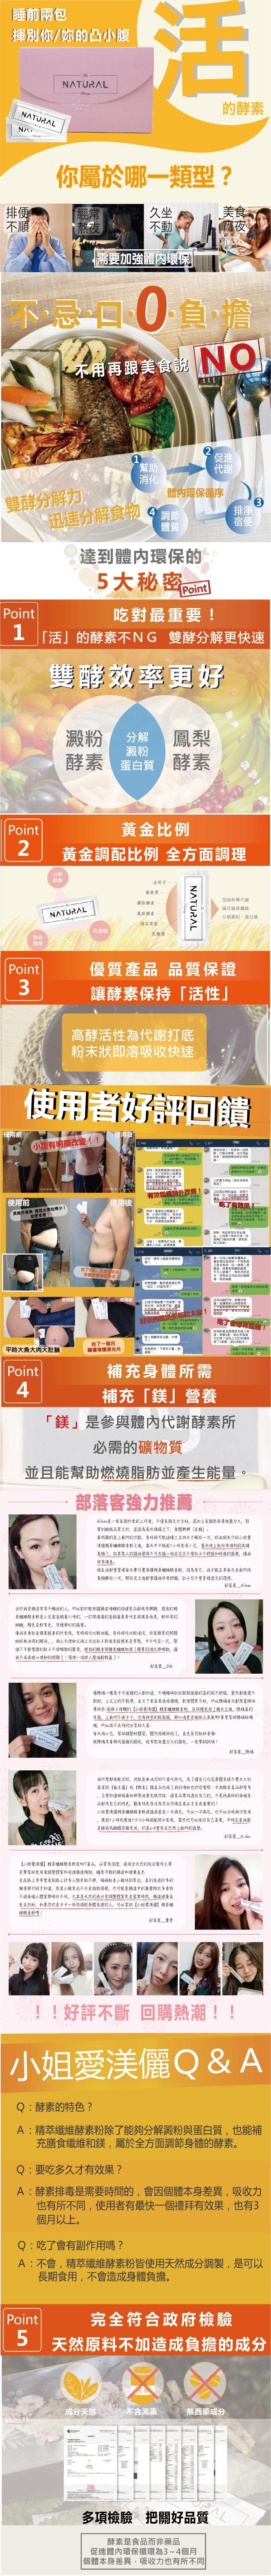 【小姐愛渼儷】精萃纖維酵素粉(4gX30包)產品資訊